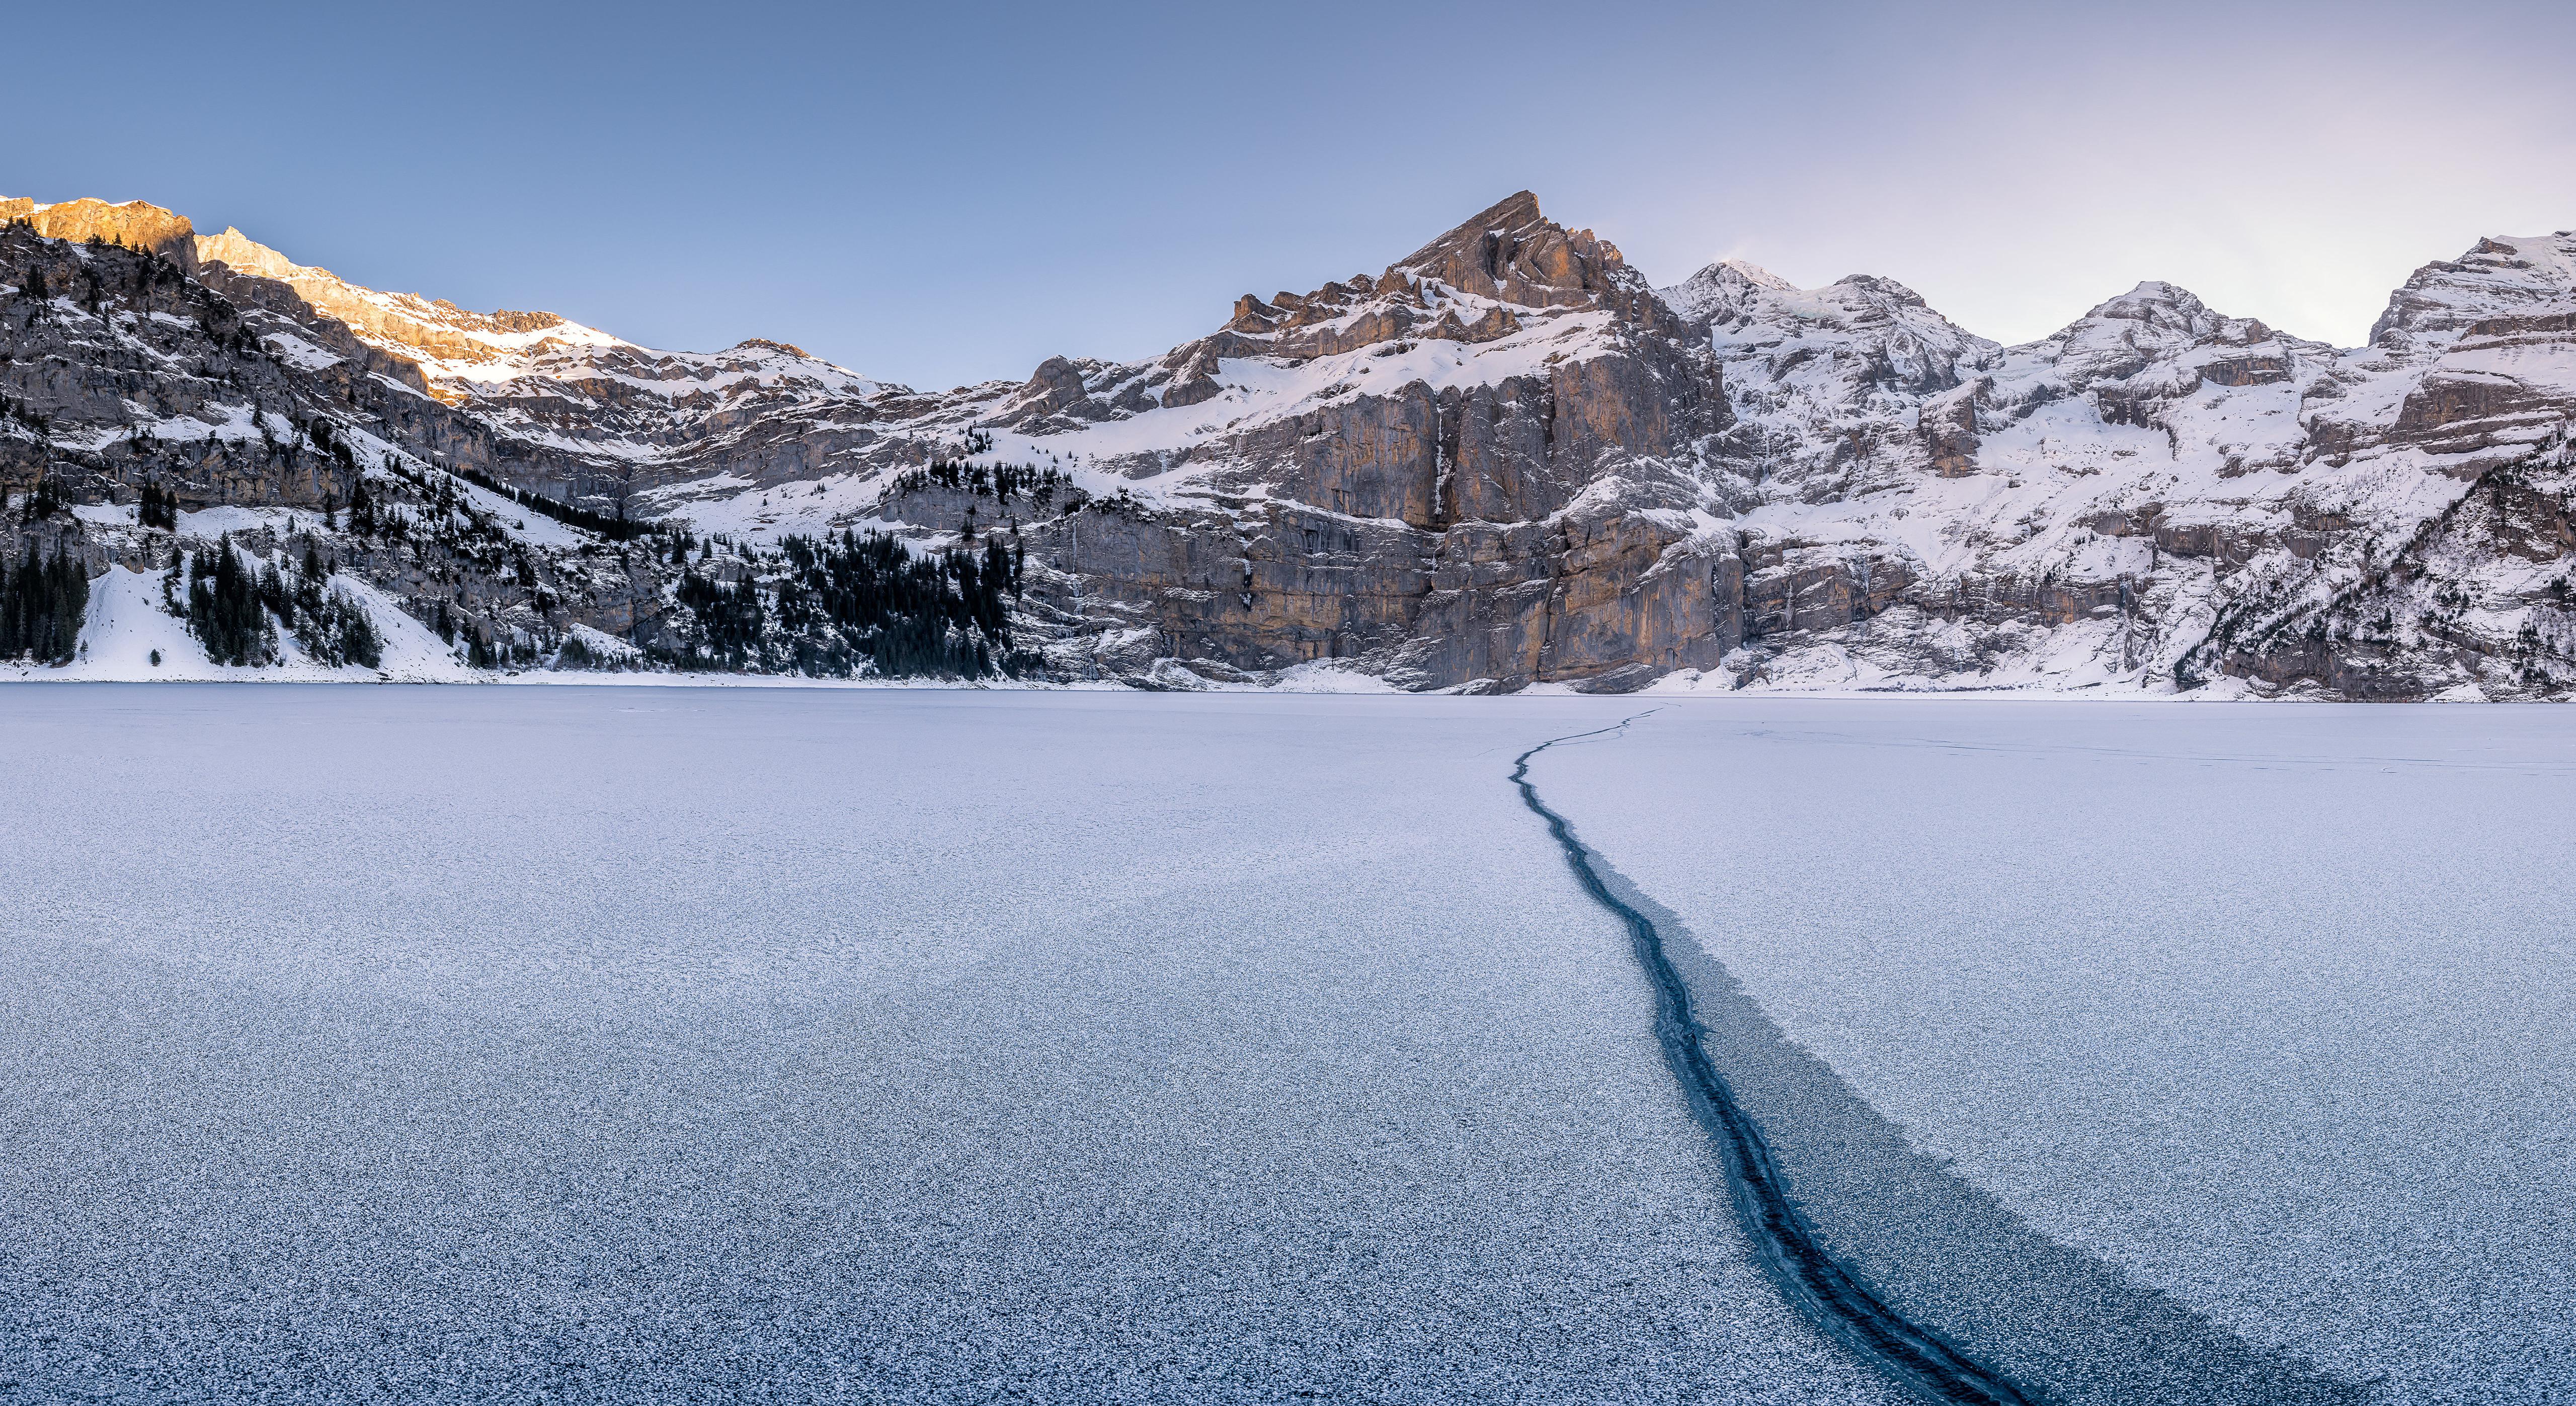 Обои для рабочего стола альп Швейцария Oeschinensee Горы Зима Природа Утро Озеро 5120x2796 Альпы гора зимние